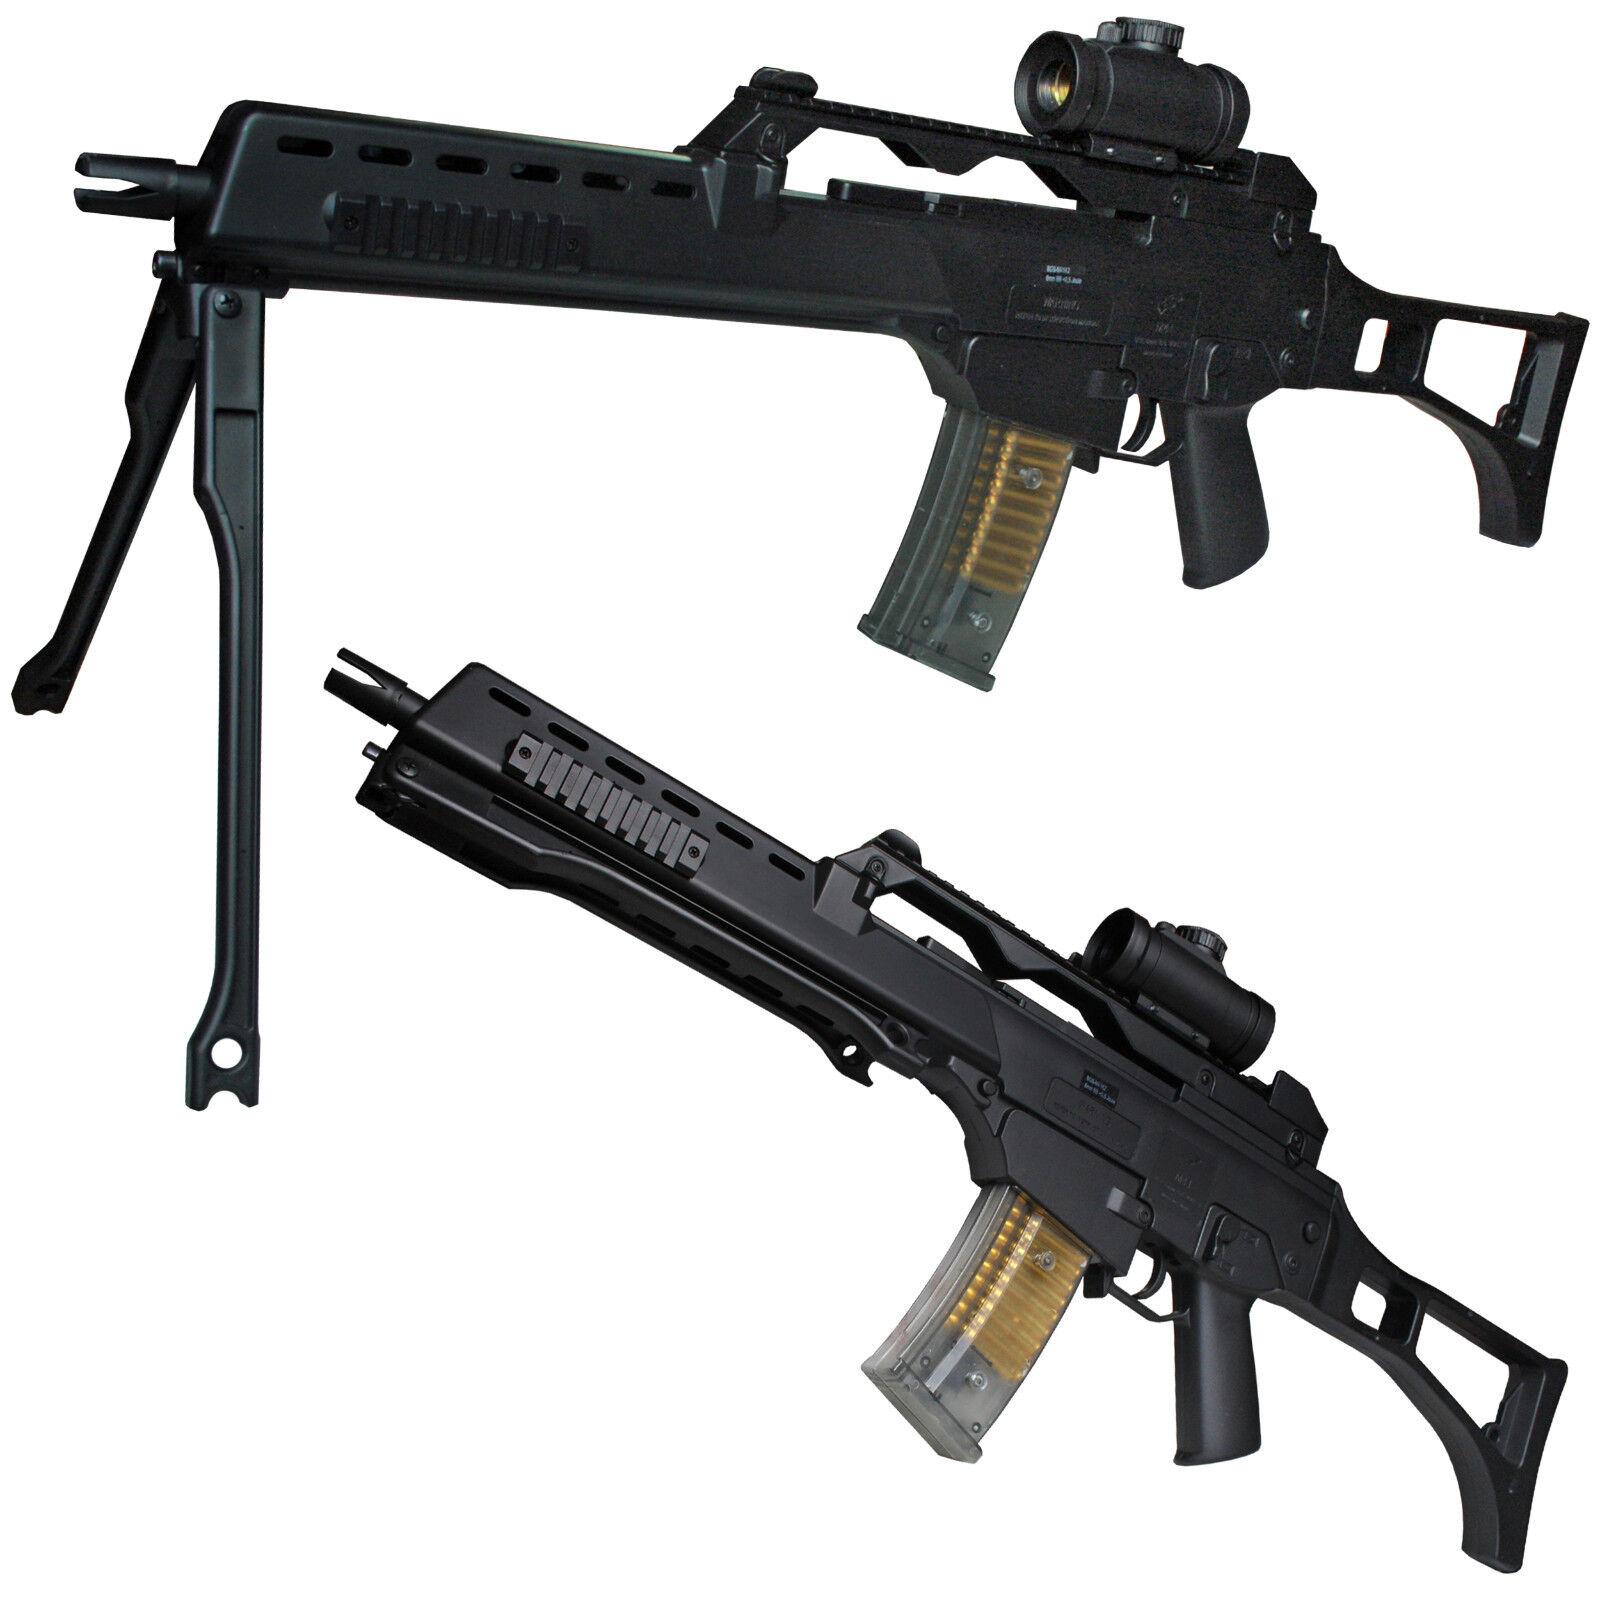 BGS M41K2 Softair Gewehr inkl. Leuchtvisier & Zubehör 6 mm <0,5 Joule schwarz